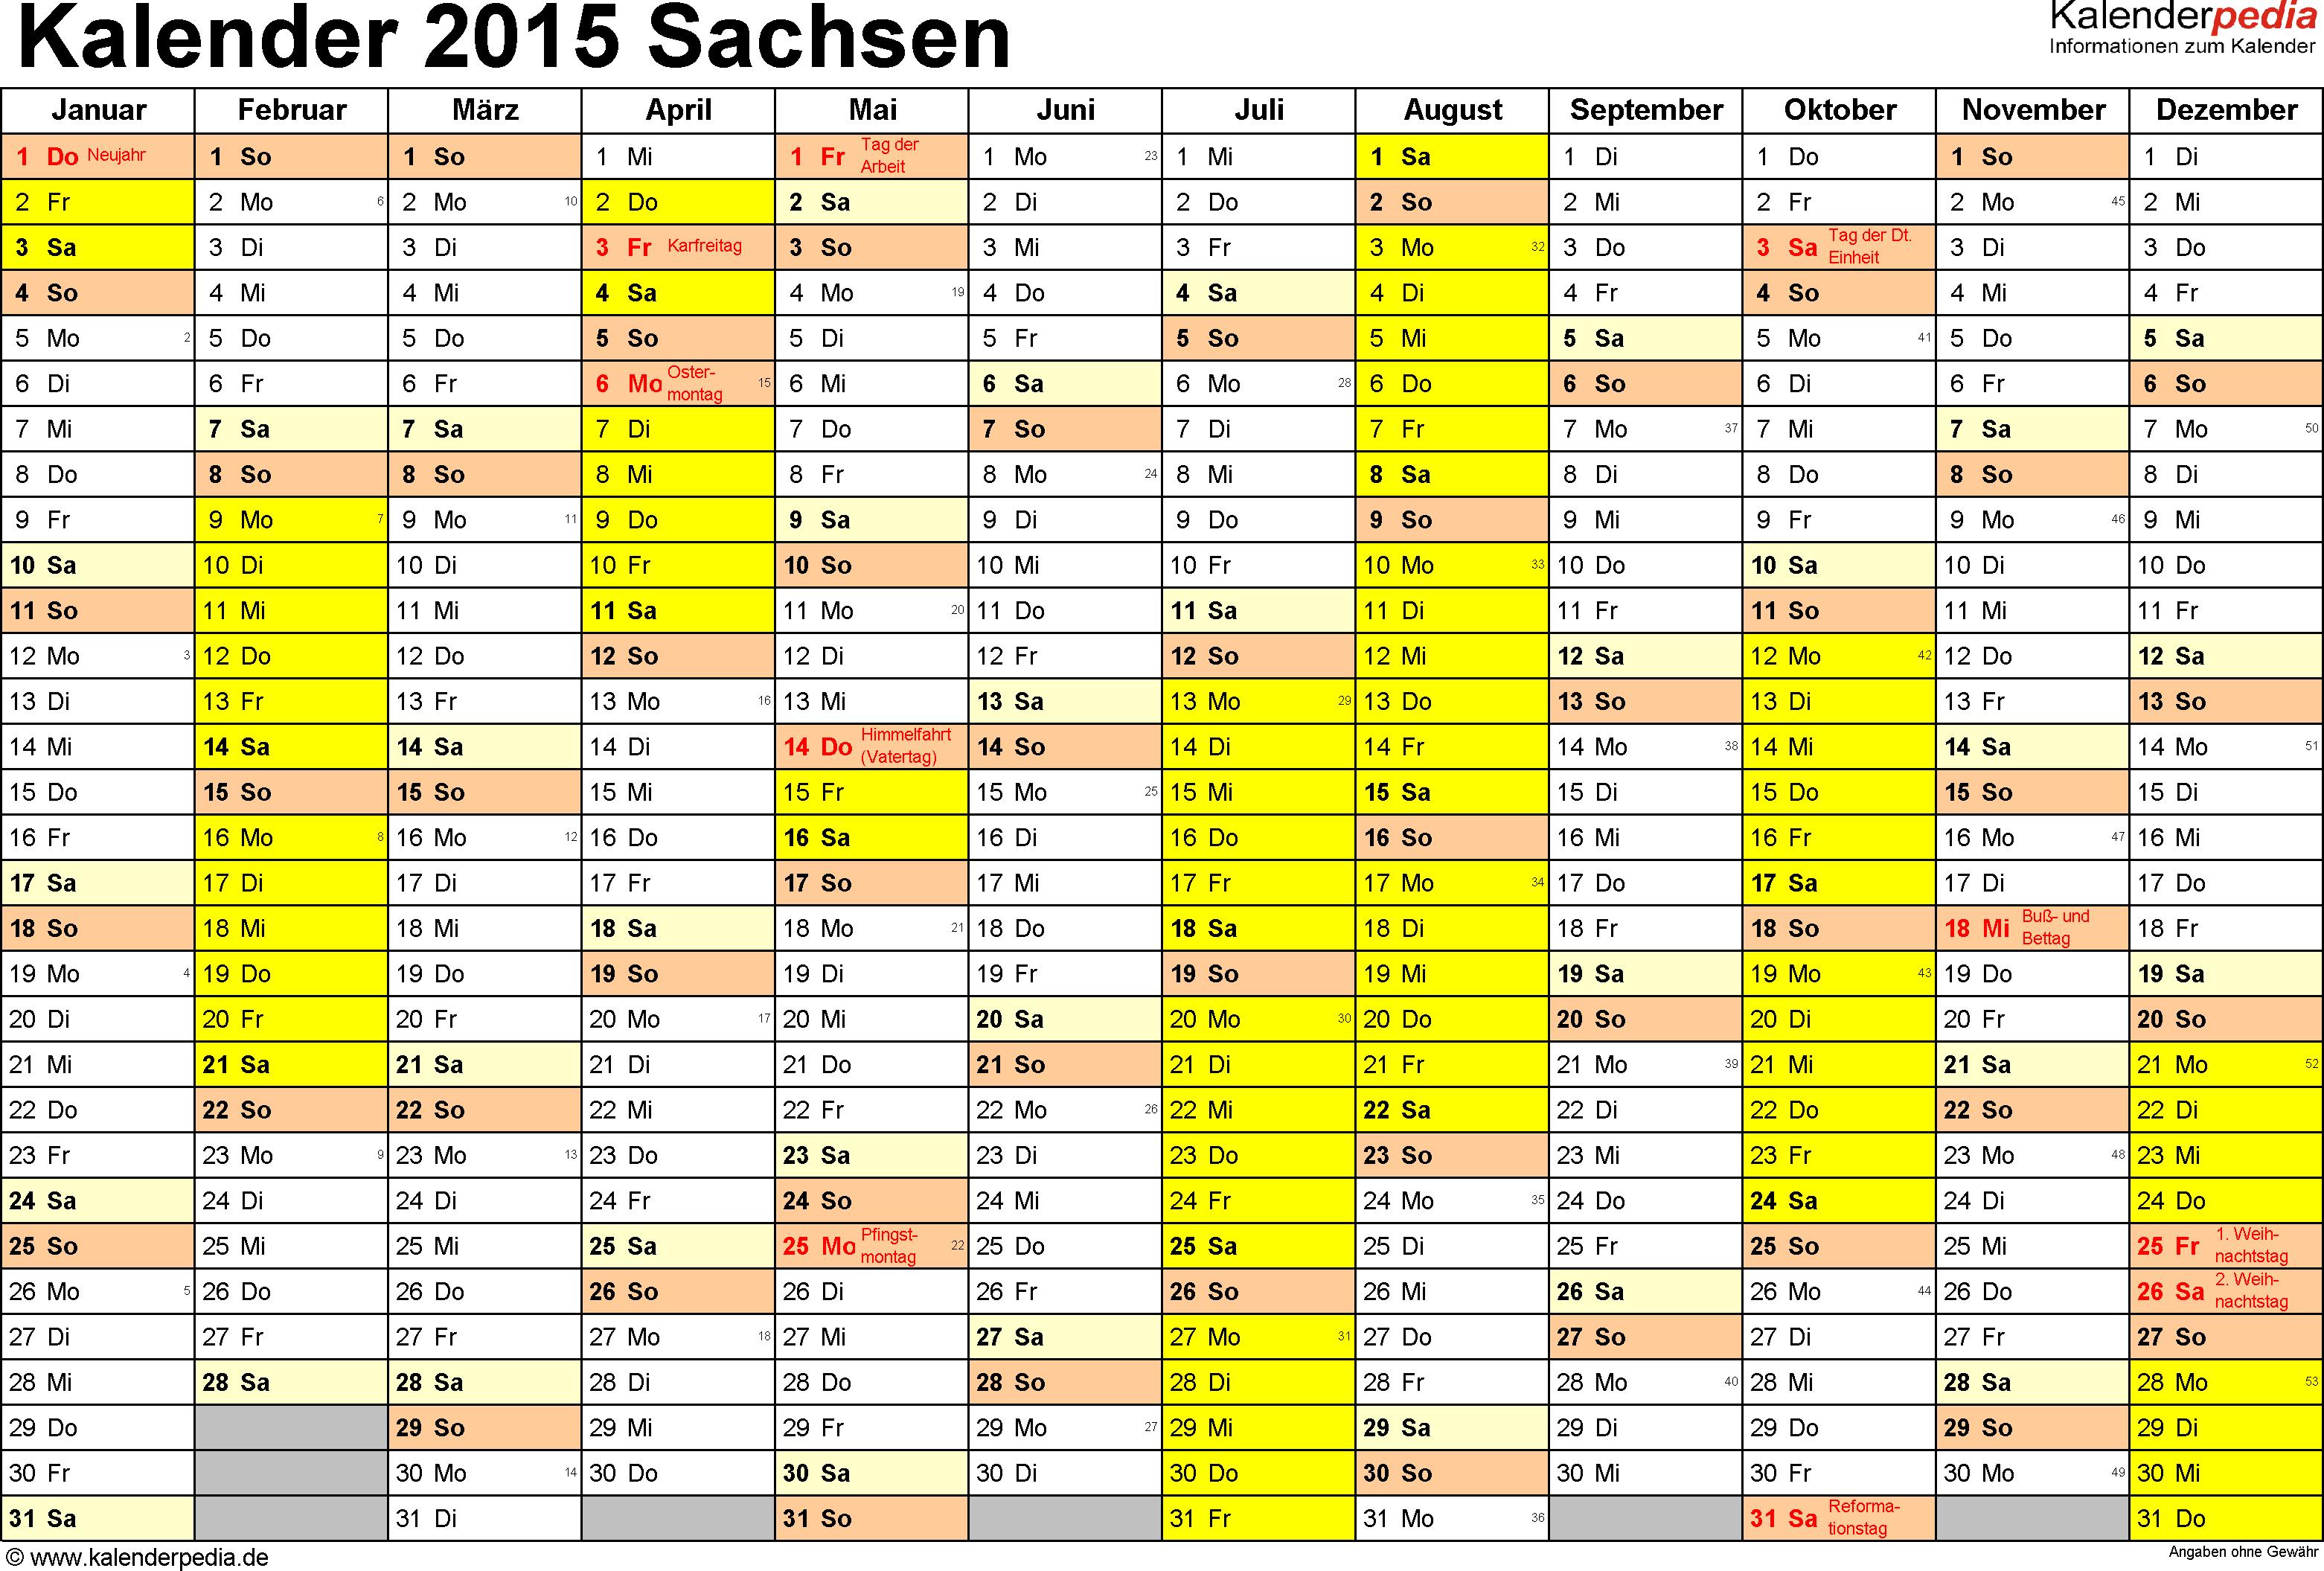 Kalender 2015 Sachsen: Ferien, Feiertage, PDF-Vorlagen